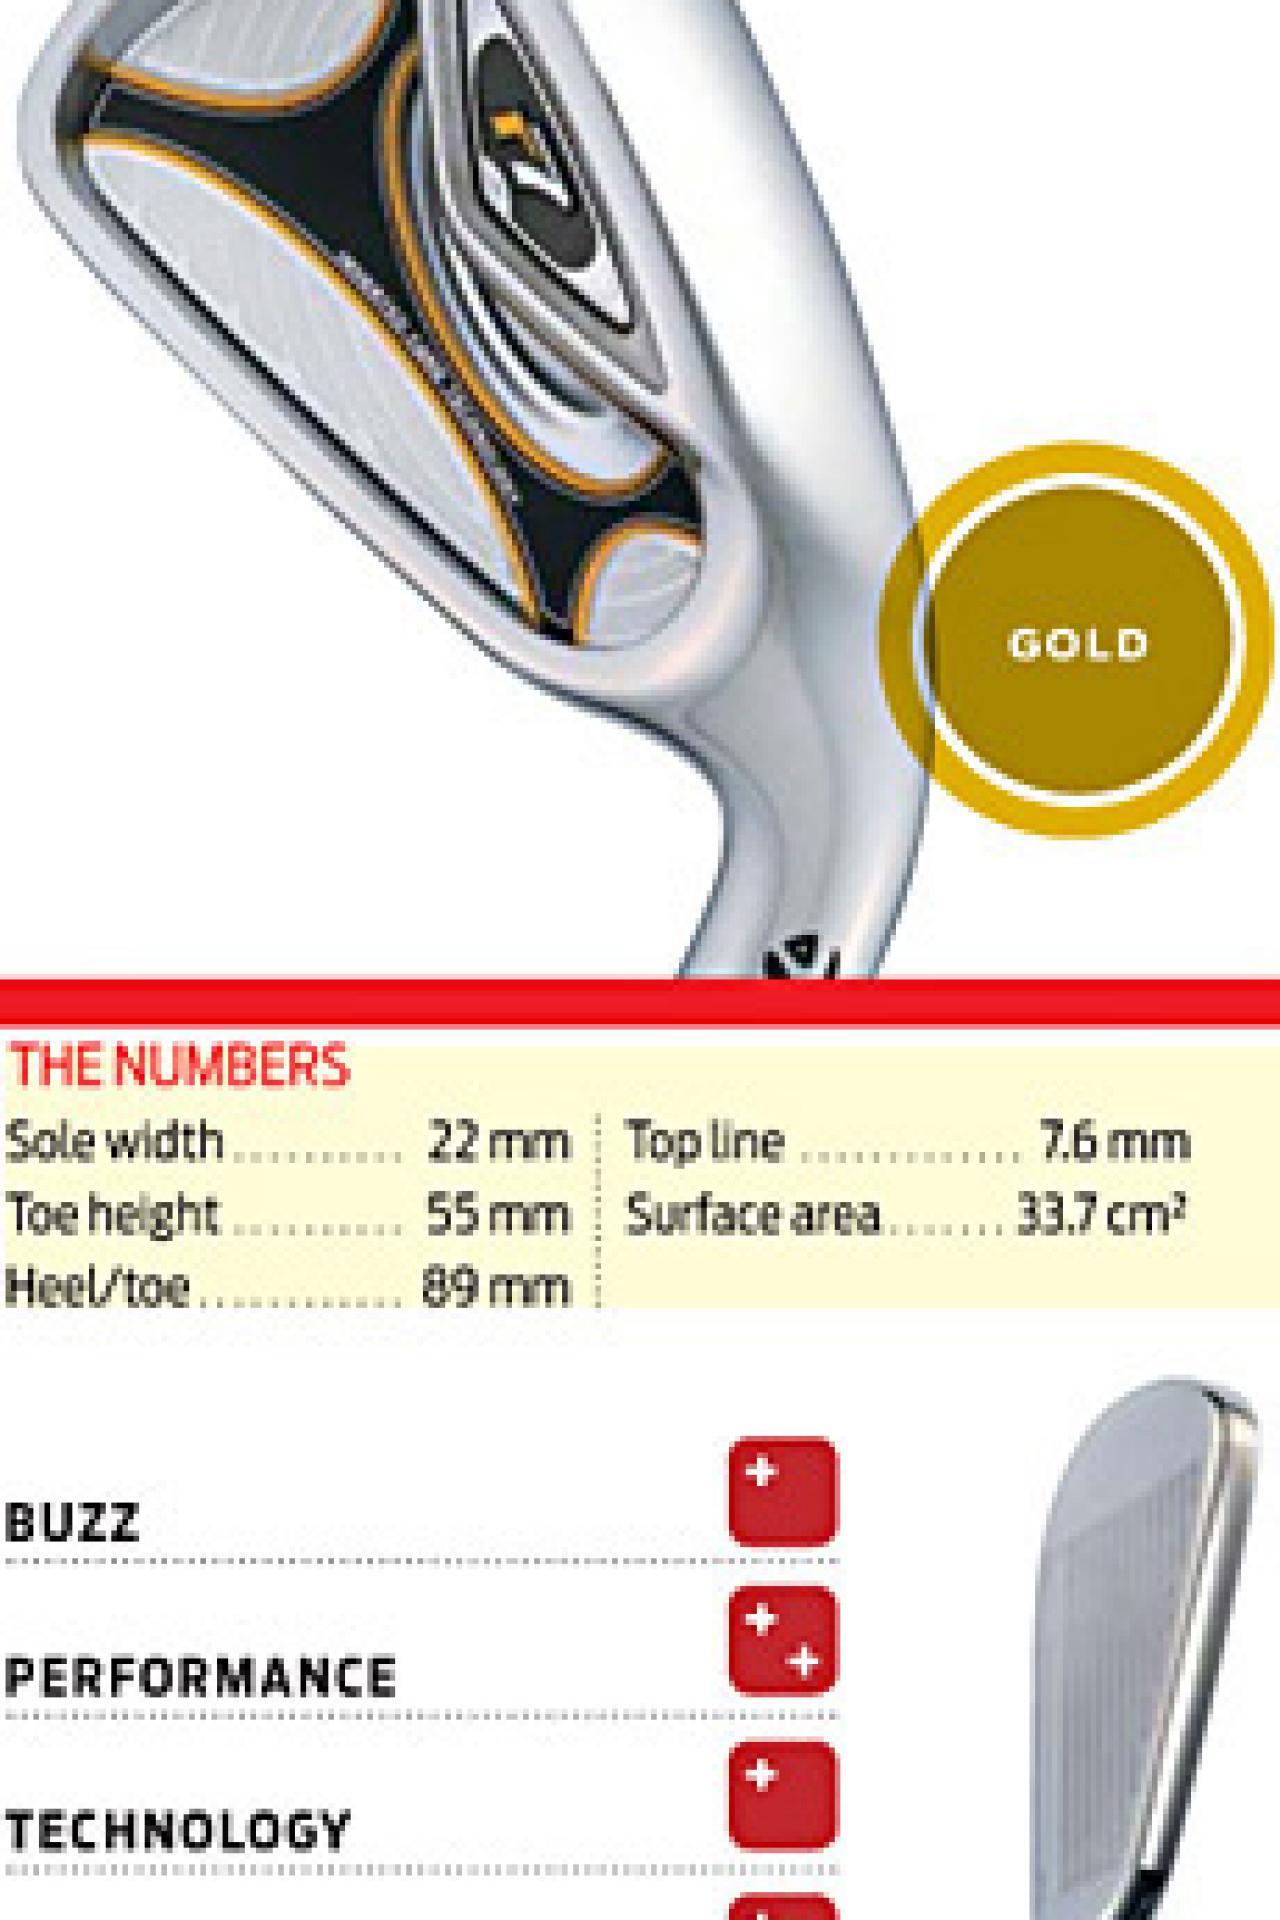 Hot List 2008: Game Improvement Irons | Golf Digest